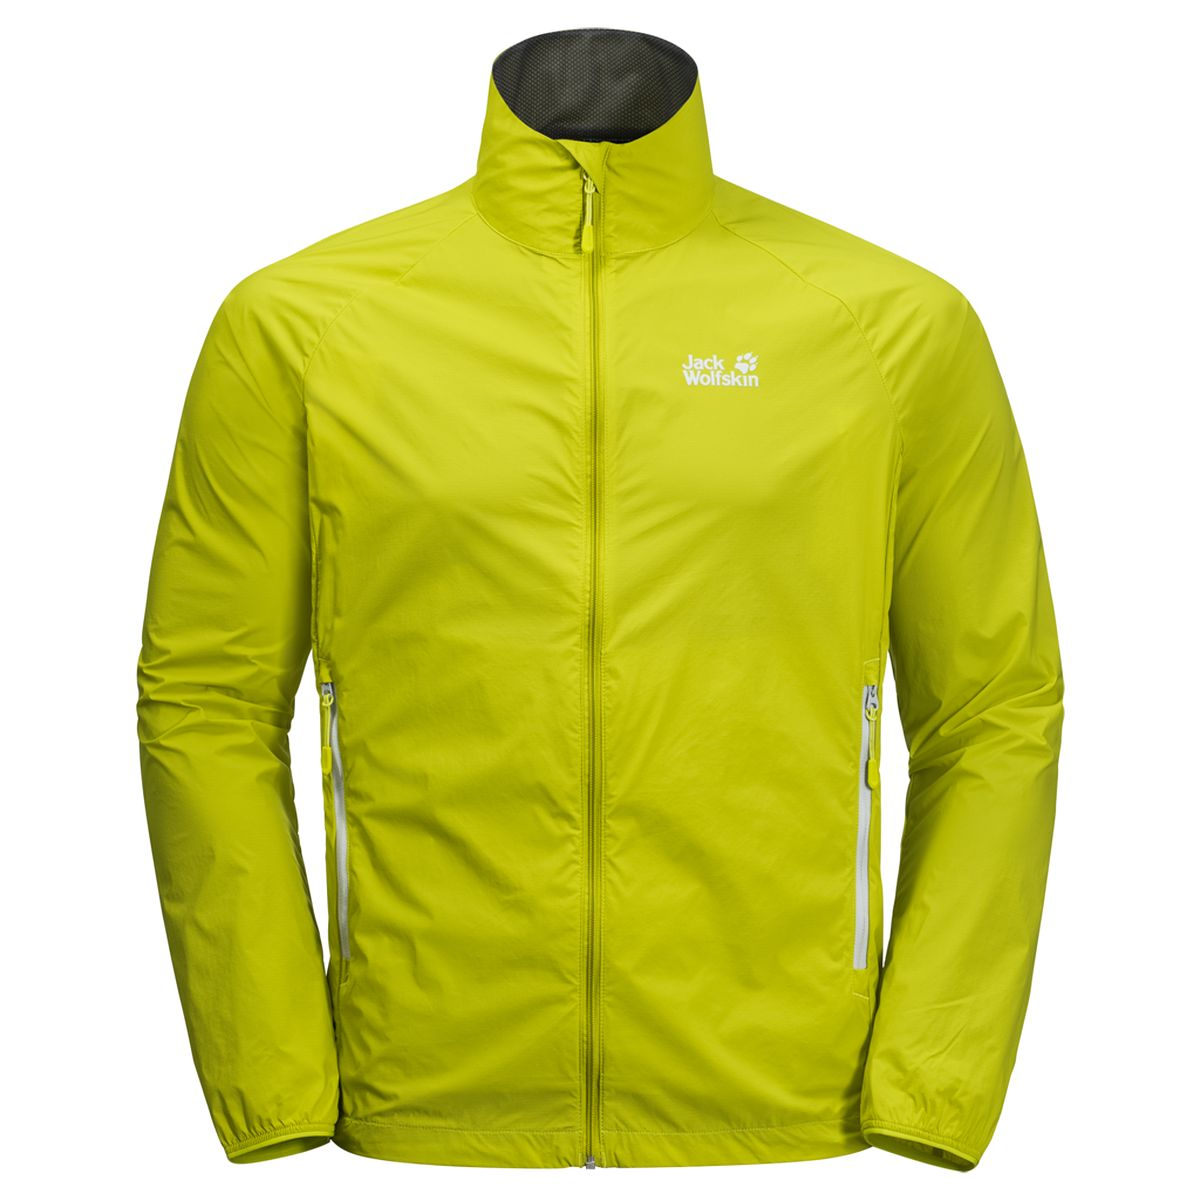 Куртка мужская Jack Wolfskin Terra Trail Jacket M, цвет: салатовый. 1305861-4038. Размер L (48/50)1305861-4038Если вам нужна невероятно легкая ветрозащитная куртка для поездок на велосипеде или запасная куртка для динамичных прогулок по склонам вашего любимого холма, обратите внимание на TERRA TRAIL (ТЕРРА ТРЭЙЛ). Эта невероятно практичная куртка просто крошечная в сложенном виде. Она аккуратно складывается в свой собственный карман, поэтому вы можете держать ее наготове в своей сумке на пояс. При разработке этой куртки мы использовали нашу ветронепроницаемую ткань STORMLOCK PAPERTOUCH (ШТОРМЛОК ПЕЙПЕРТАЧ). Ткань практически невесомая, но при этом удивительно износоустойчивая. Так что если в пути вам придется немного полазать по скалам или взбираться на склон, не стоит беспокоиться — эта куртка справится со всеми испытаниями.